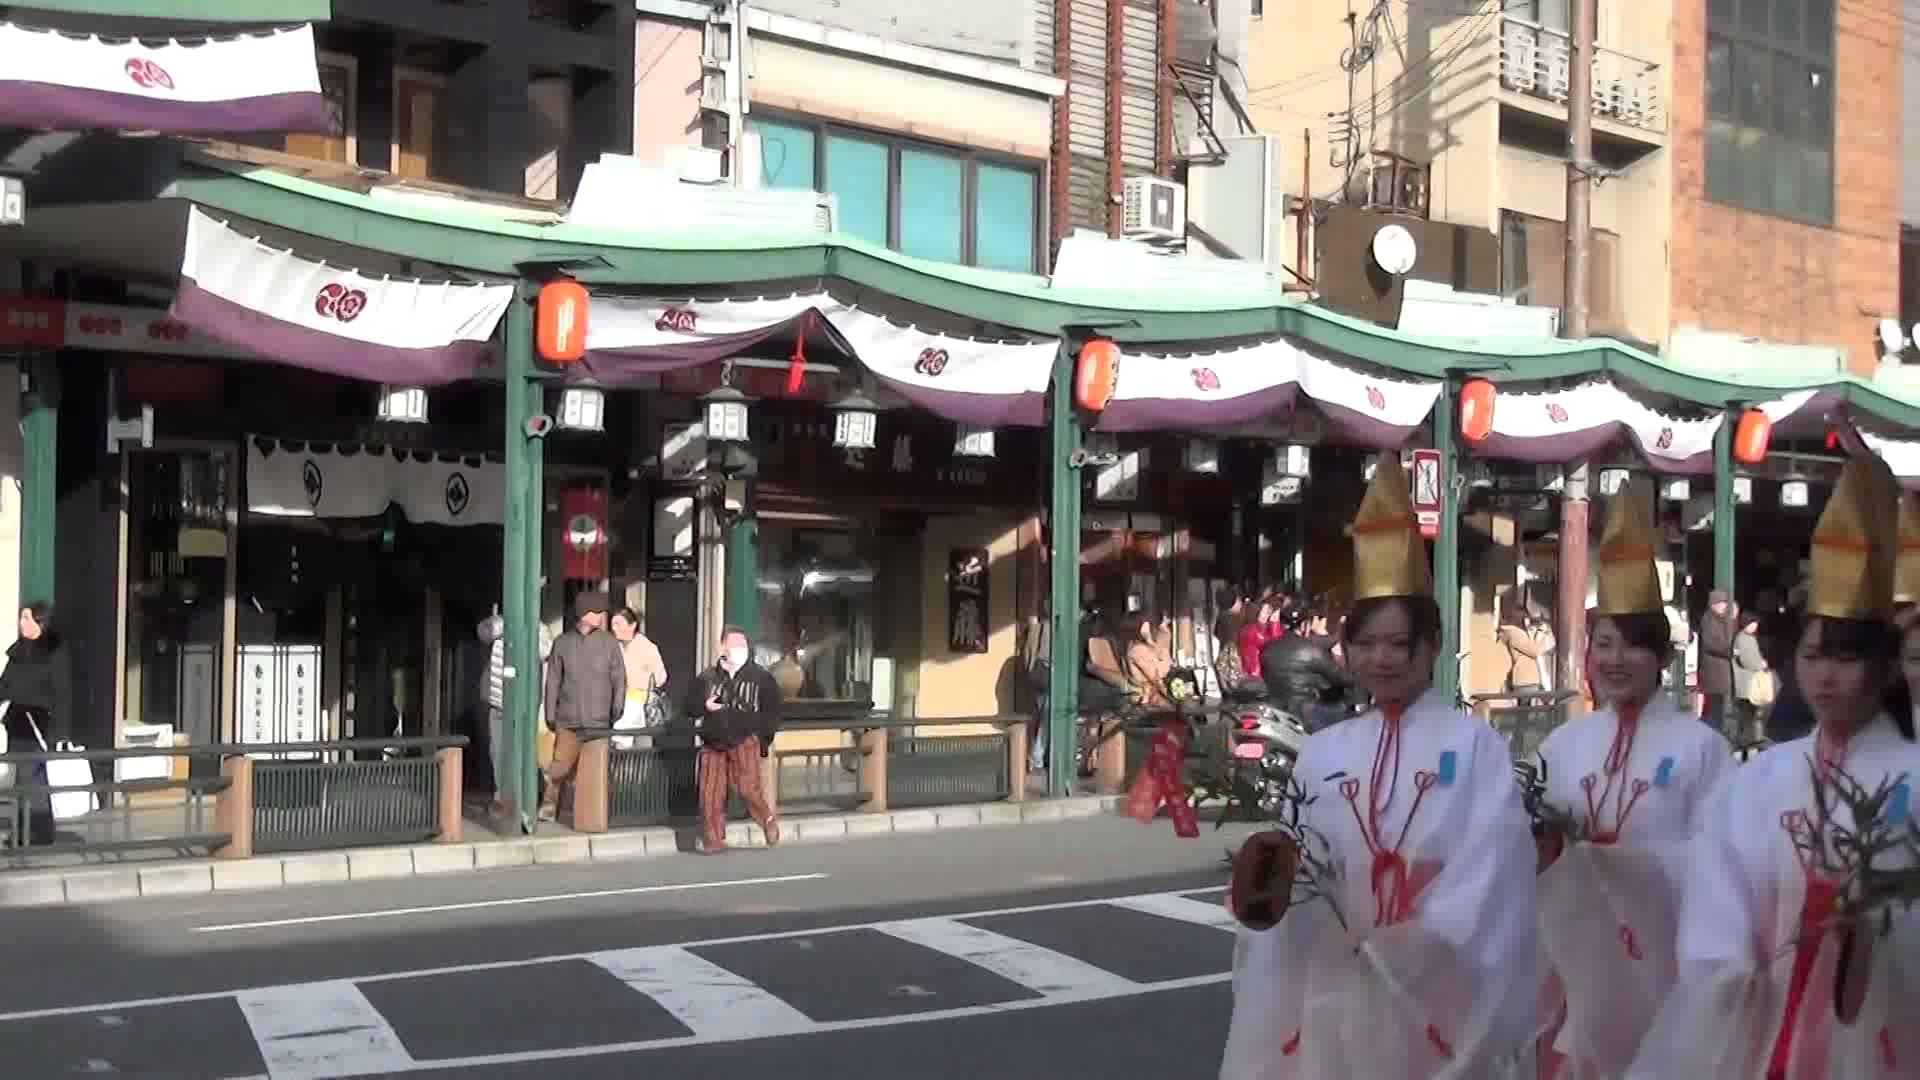 八坂神社「祇園のえべっさん」編1 えべっさんオールスターズの蛭子船巡行がご登場